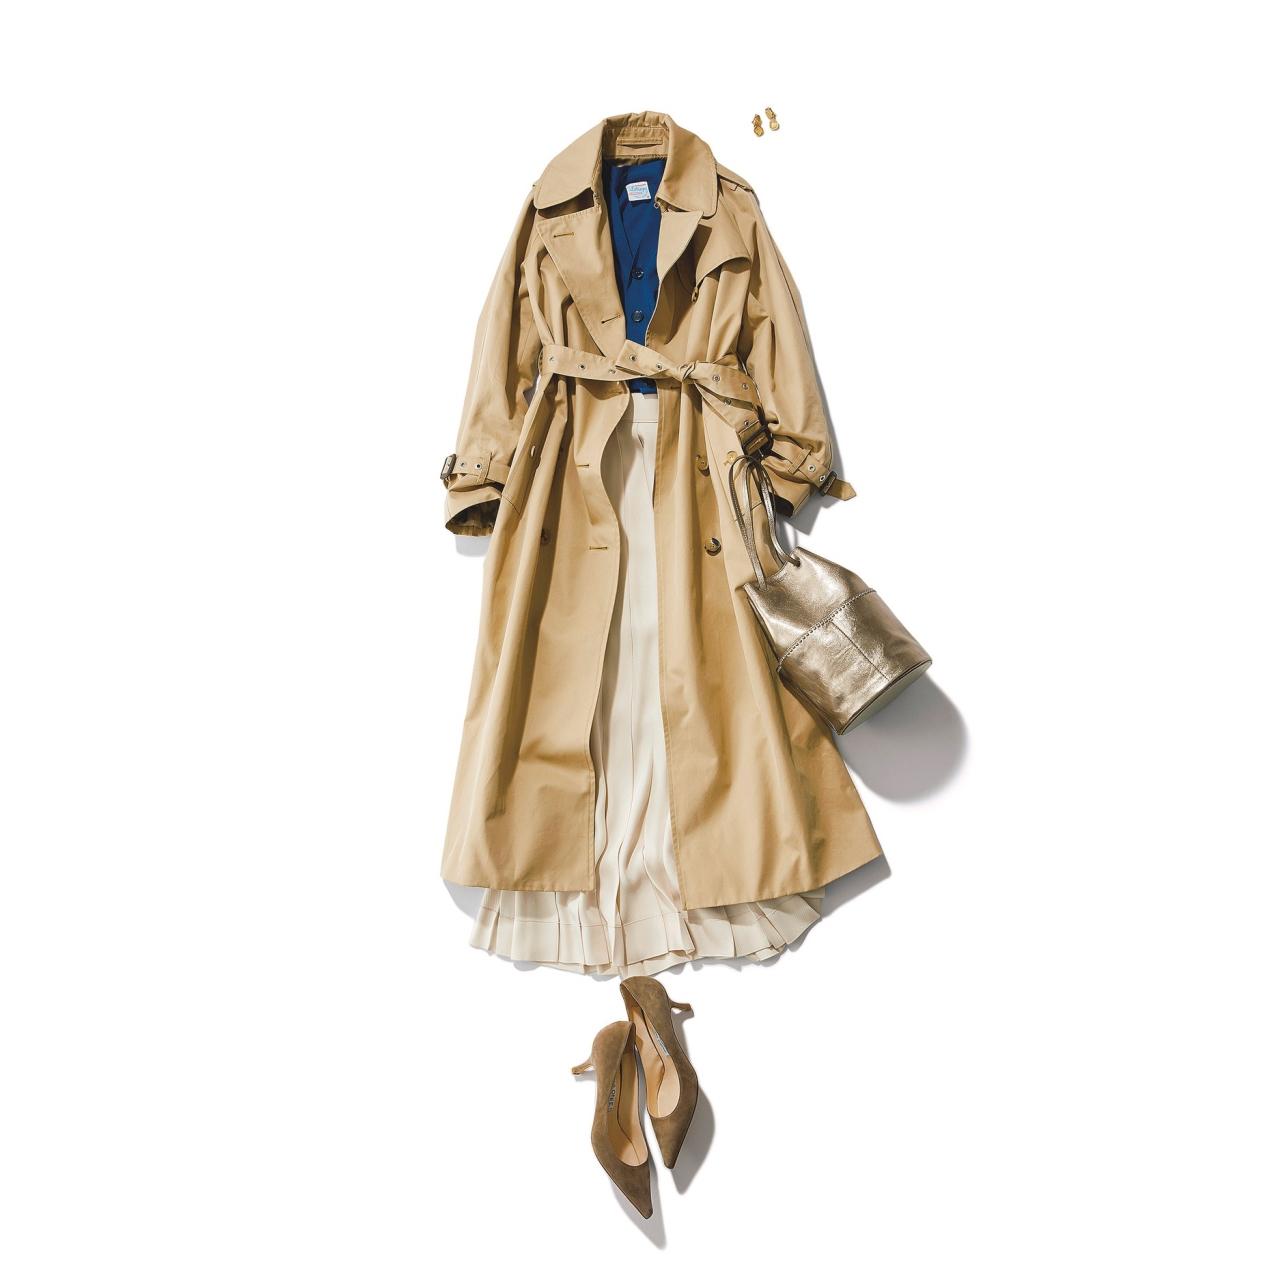 着こなしで、選び方で、もっとトレンチコートを楽しむ!トレンチコートの着こなし| 40代レディースファッション